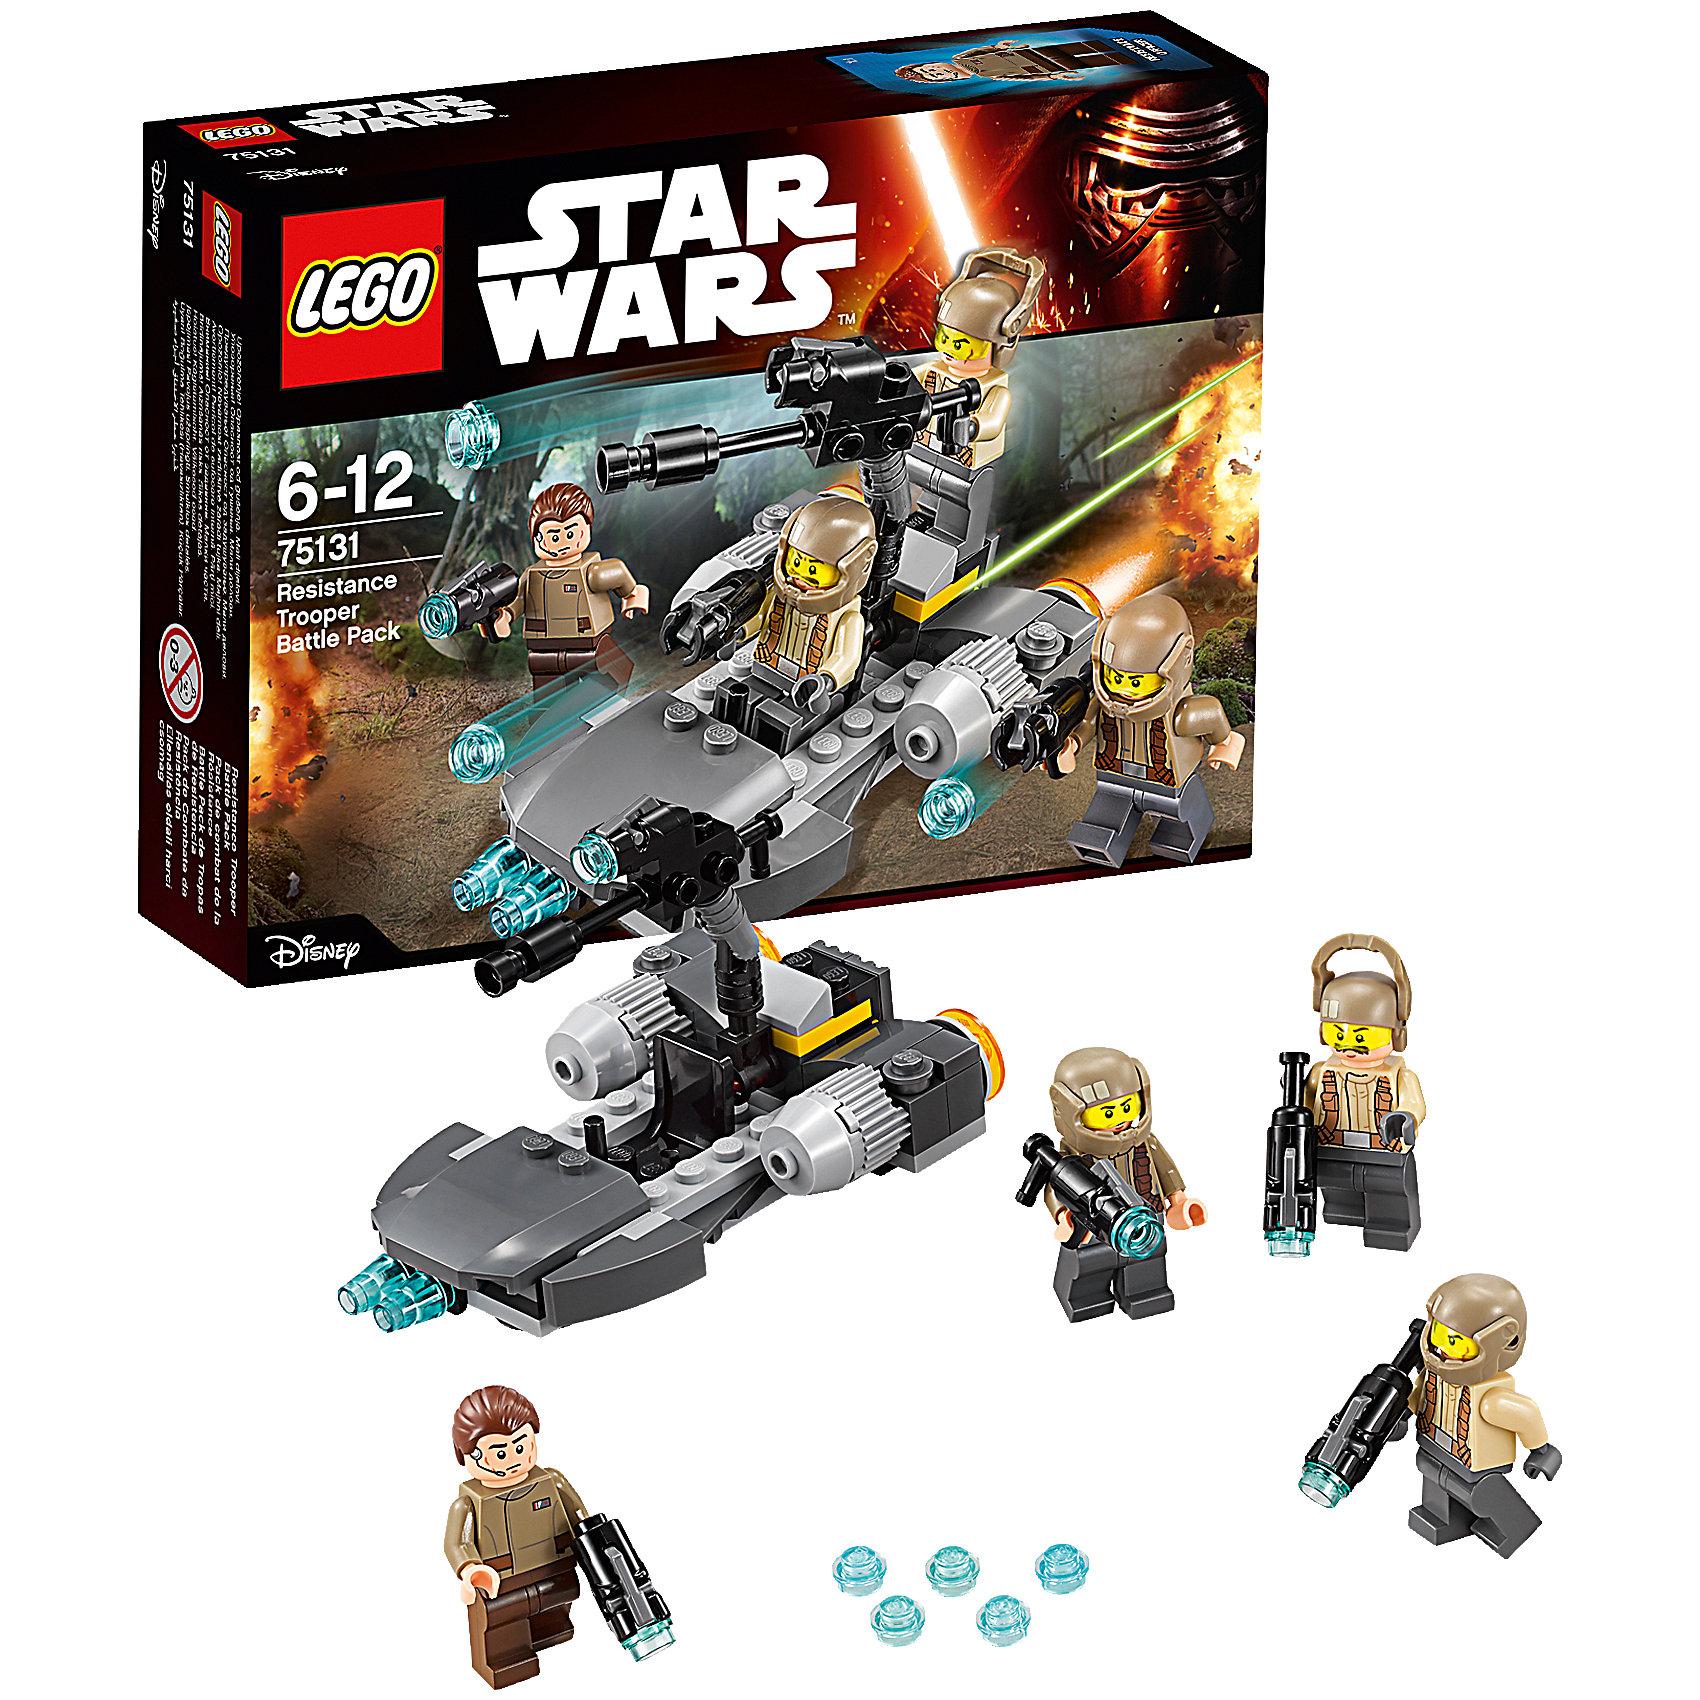 LEGO LEGO Star Wars 75131: Боевой набор Сопротивления